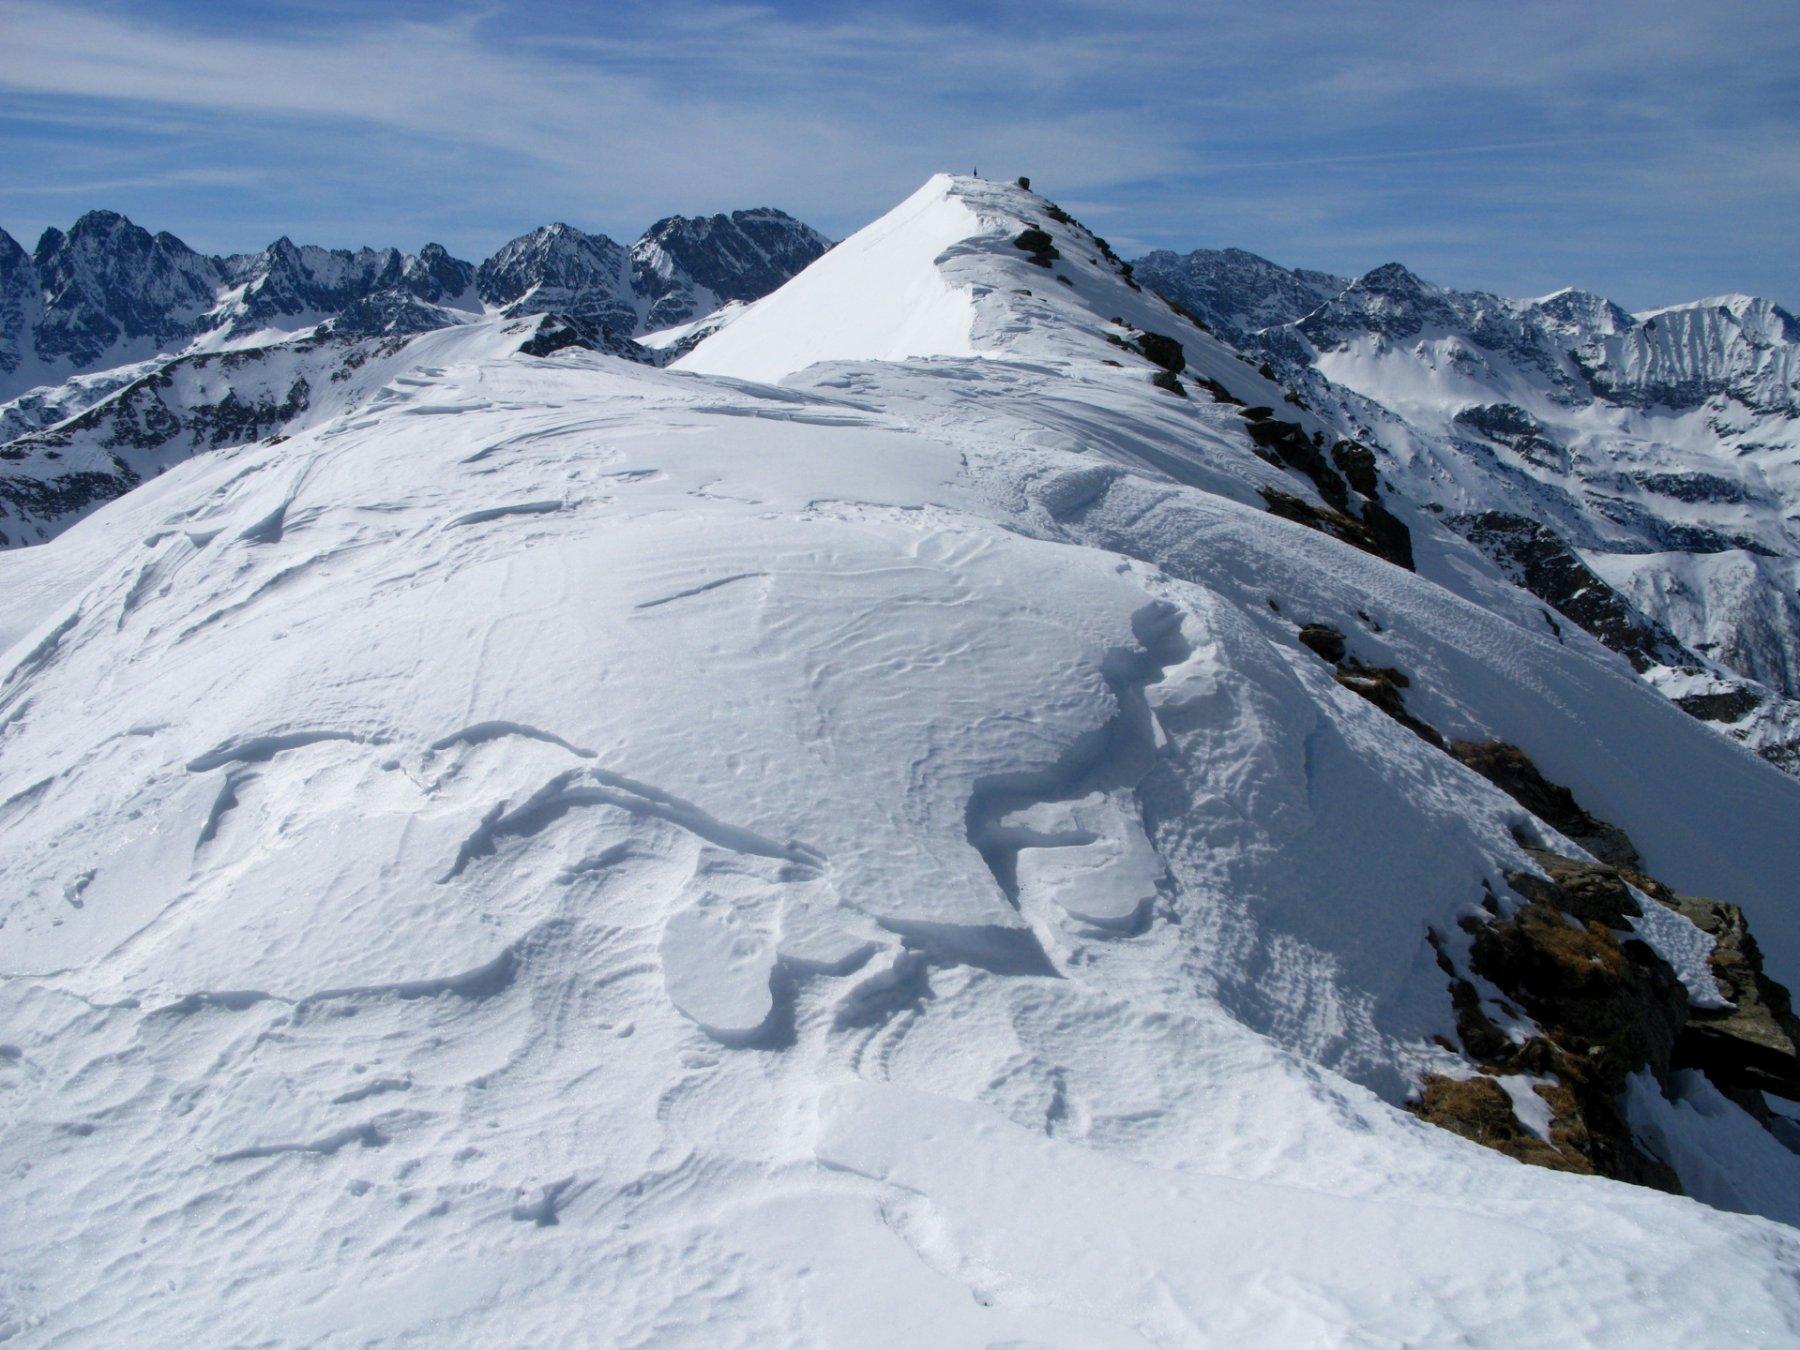 la cresta sommitale e la cima osservate dall'anticima